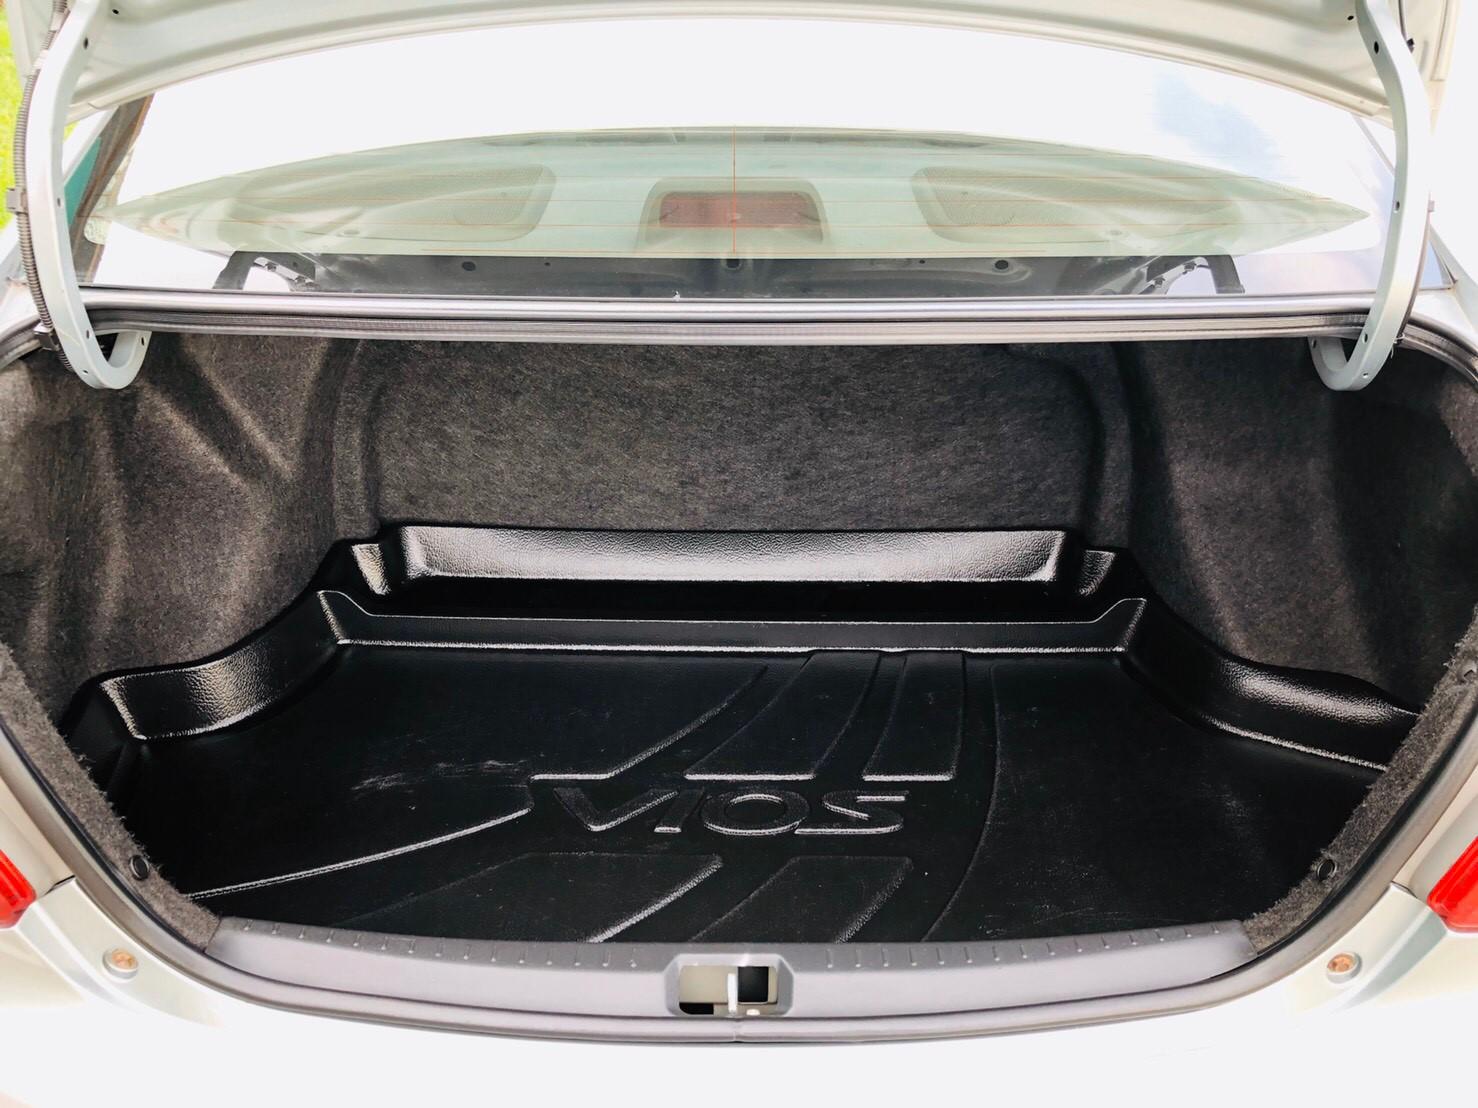 ภาพท้ายรถ โตโยต้า วีออส 1.5 E ABS ปี 2007